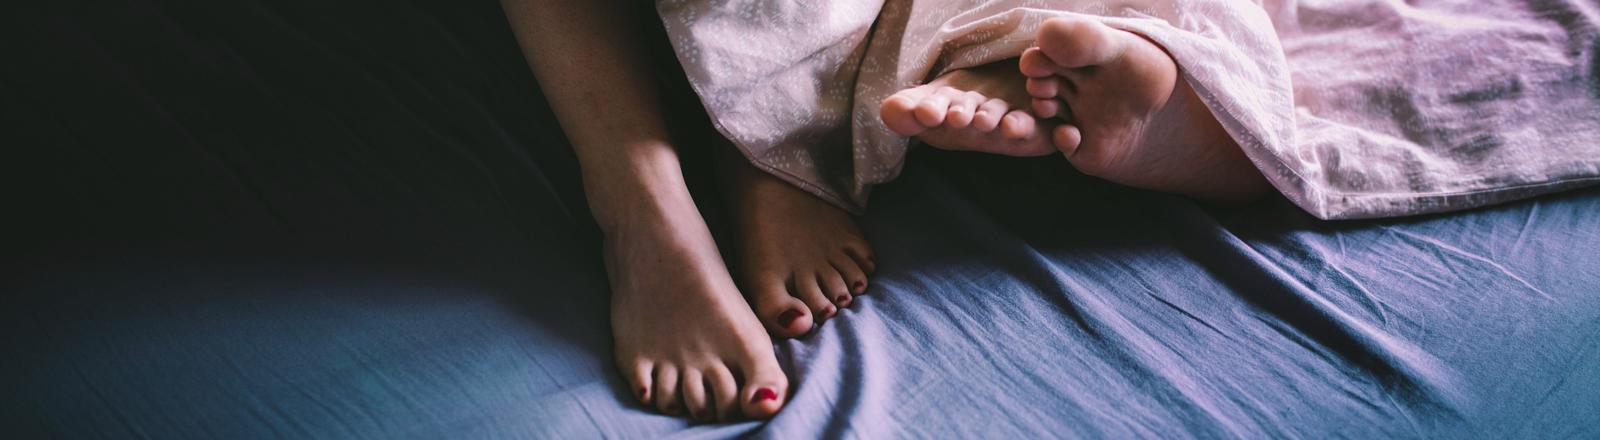 Füße eines Mannes und einer Frau lugen unter einer Bettdecke hervor